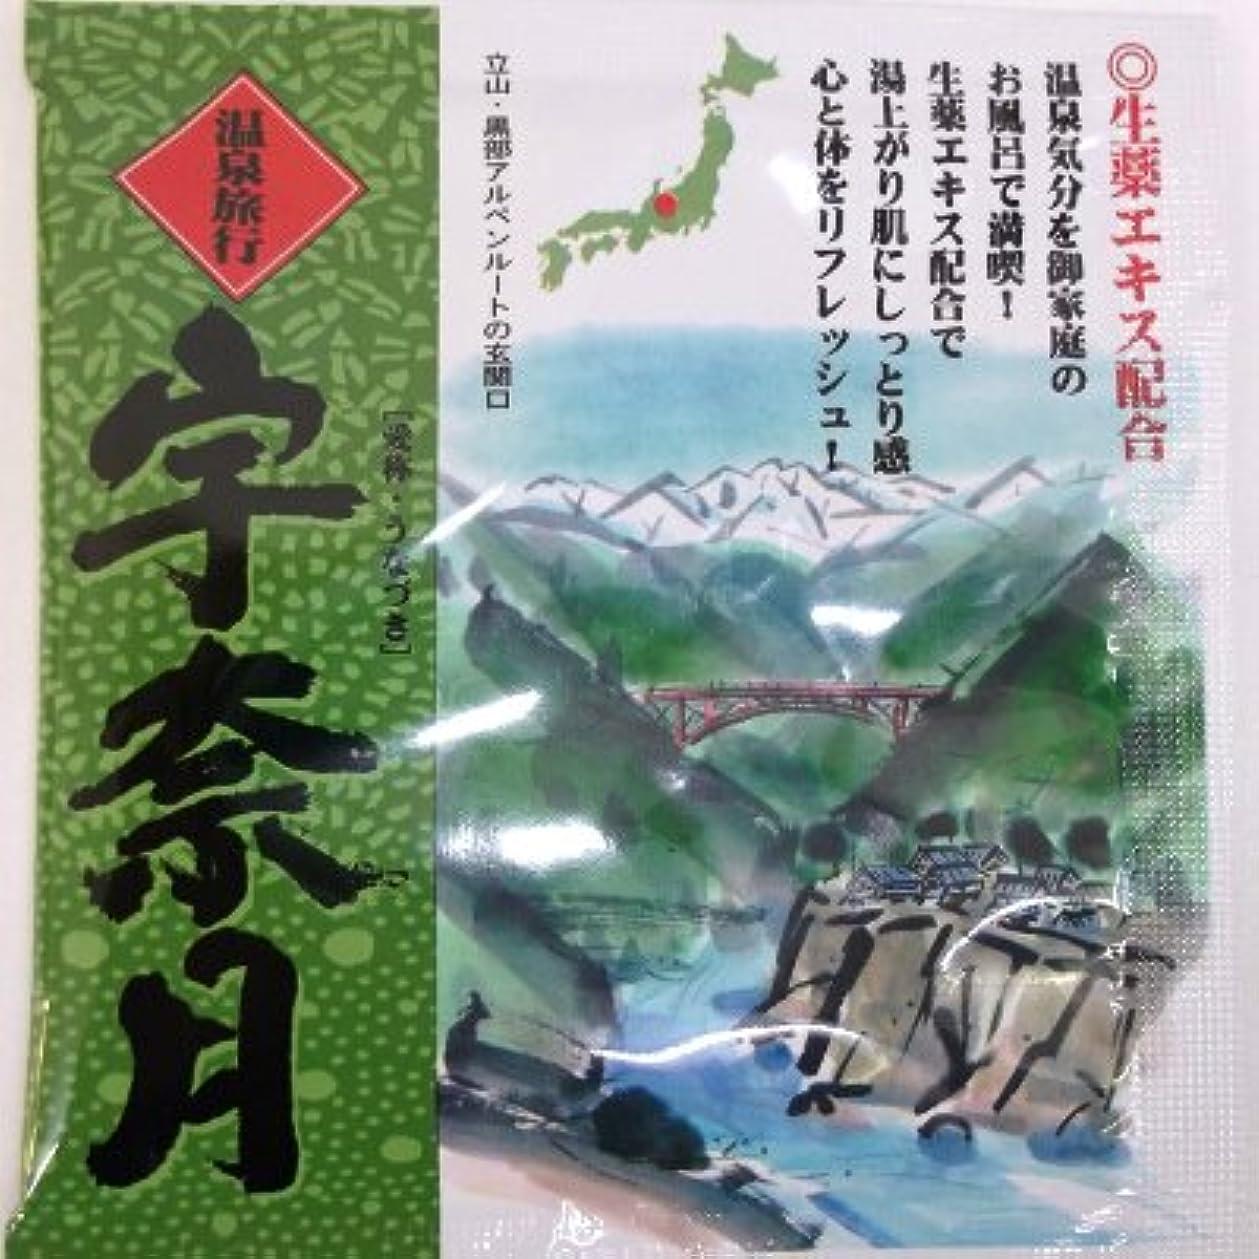 定数収穫コーデリア温泉旅行 宇奈月